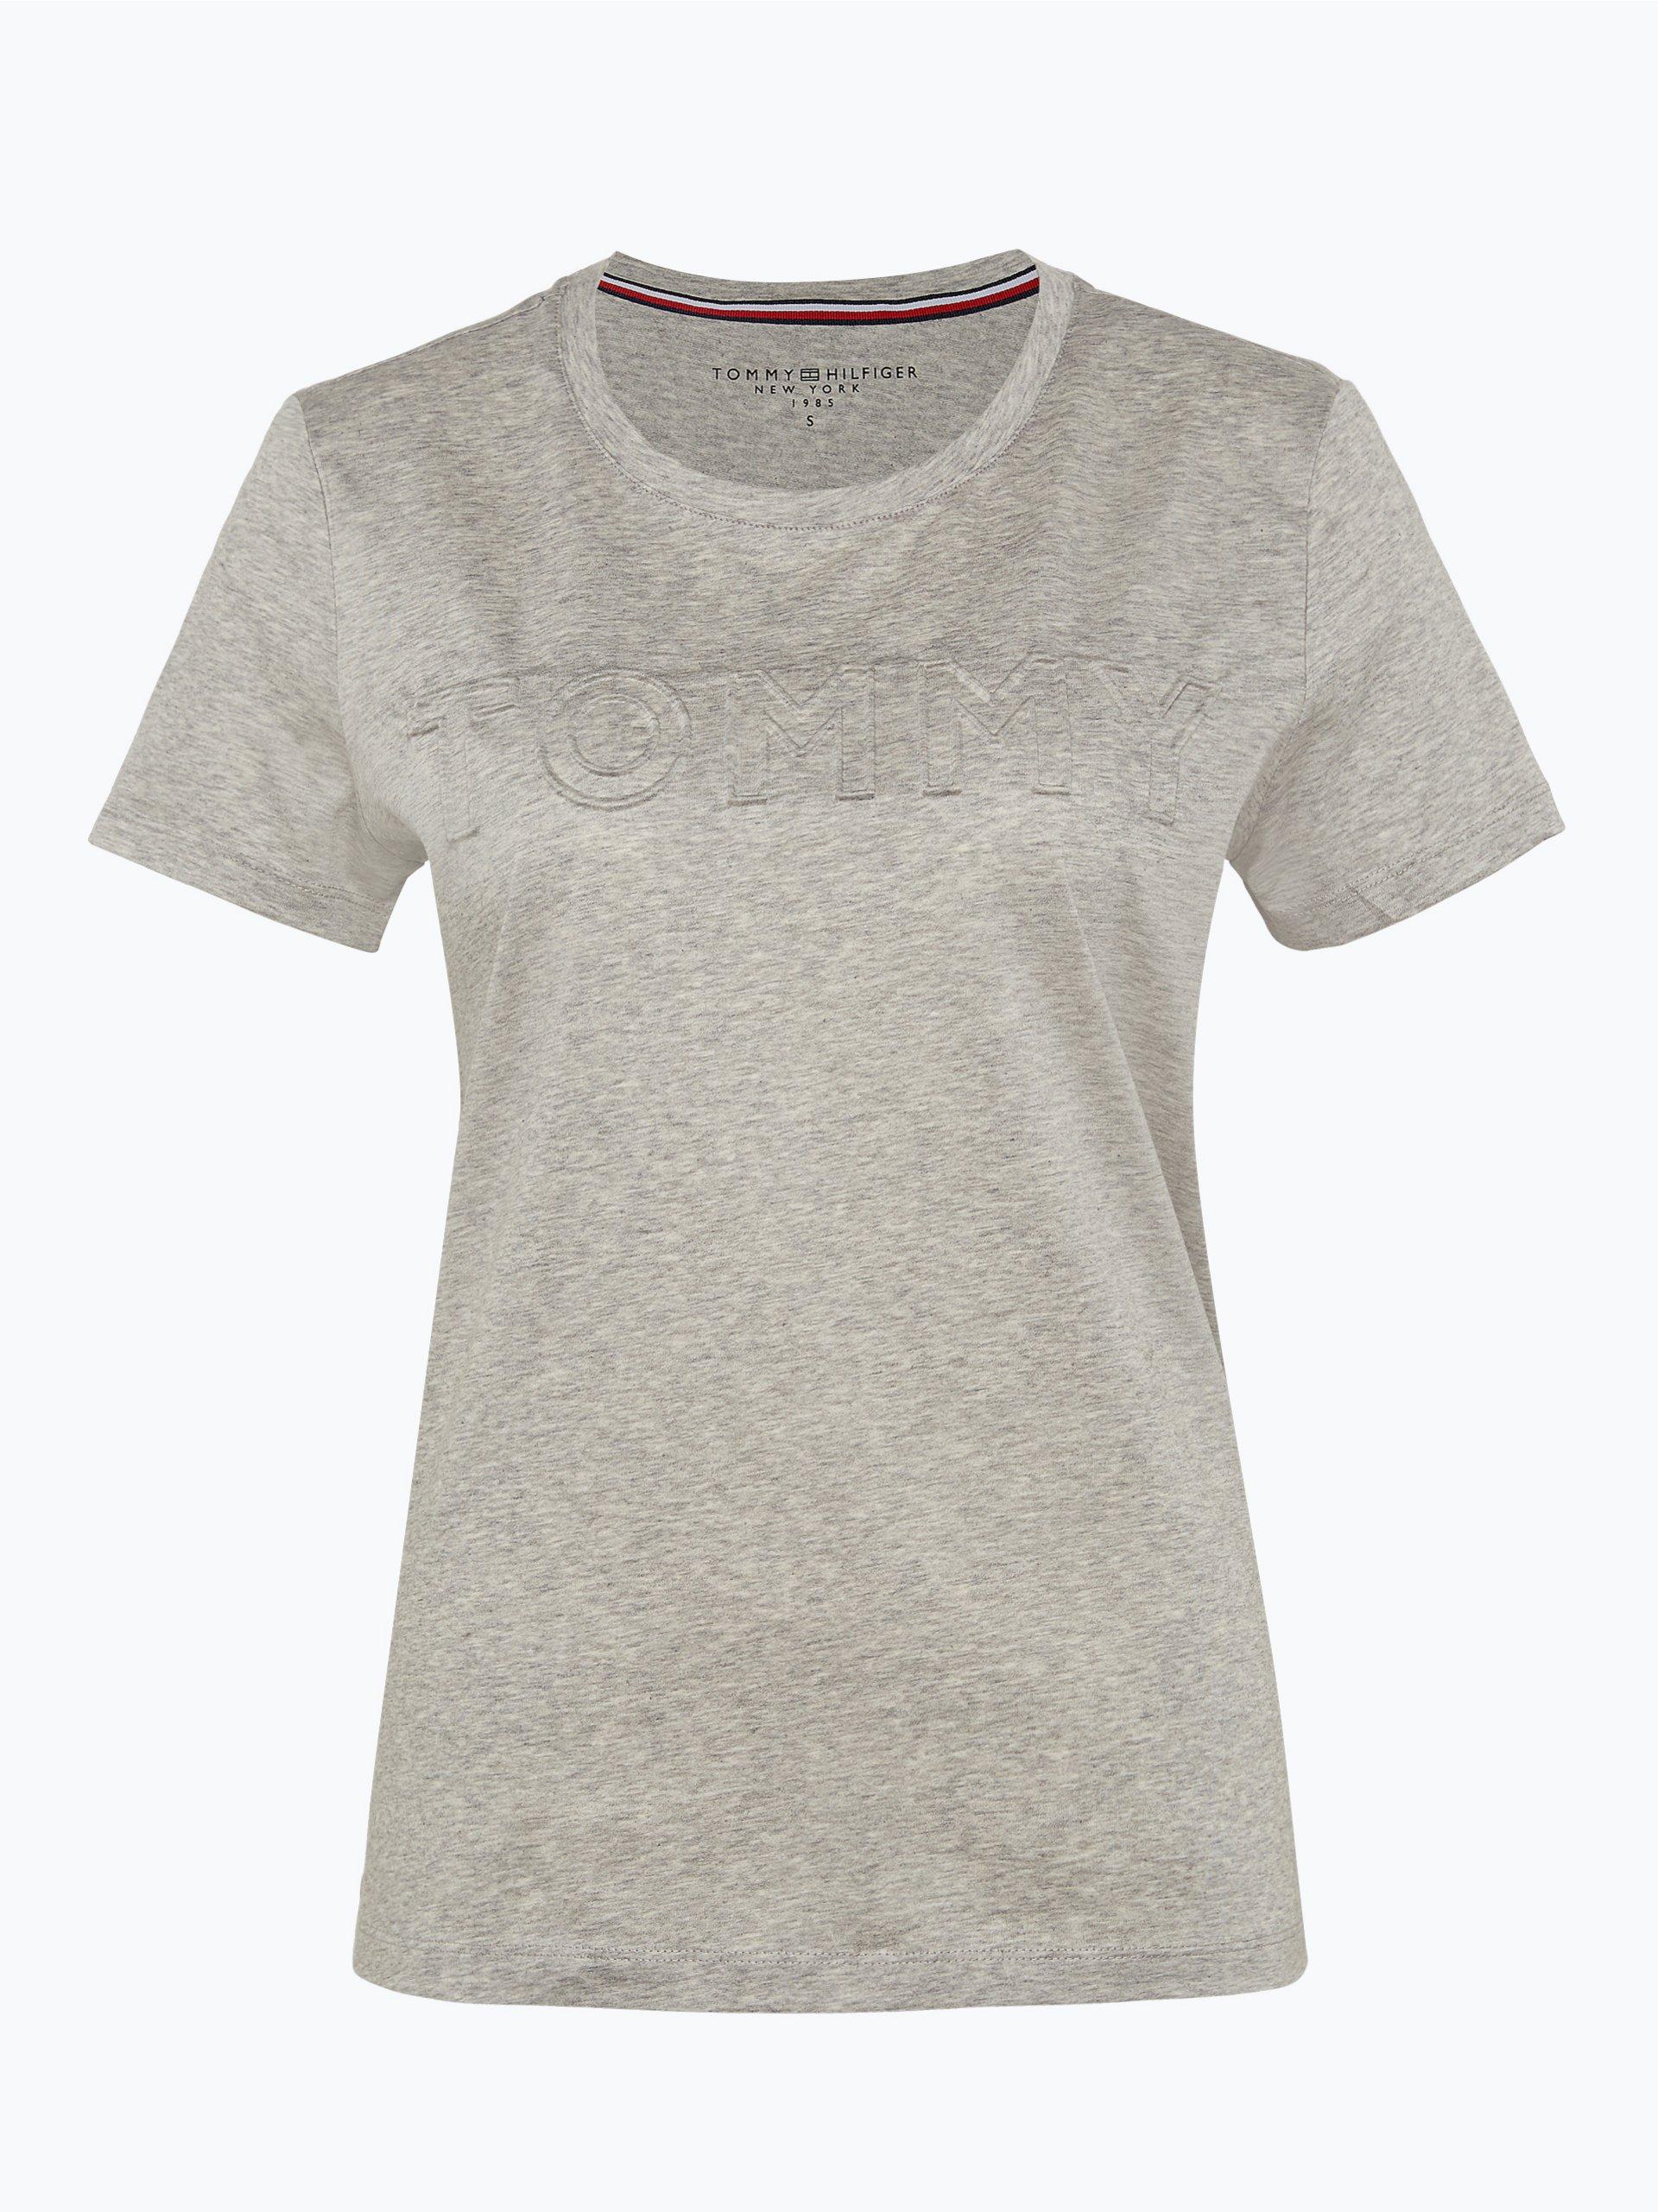 tommy hilfiger damen t shirt silber gemustert online. Black Bedroom Furniture Sets. Home Design Ideas